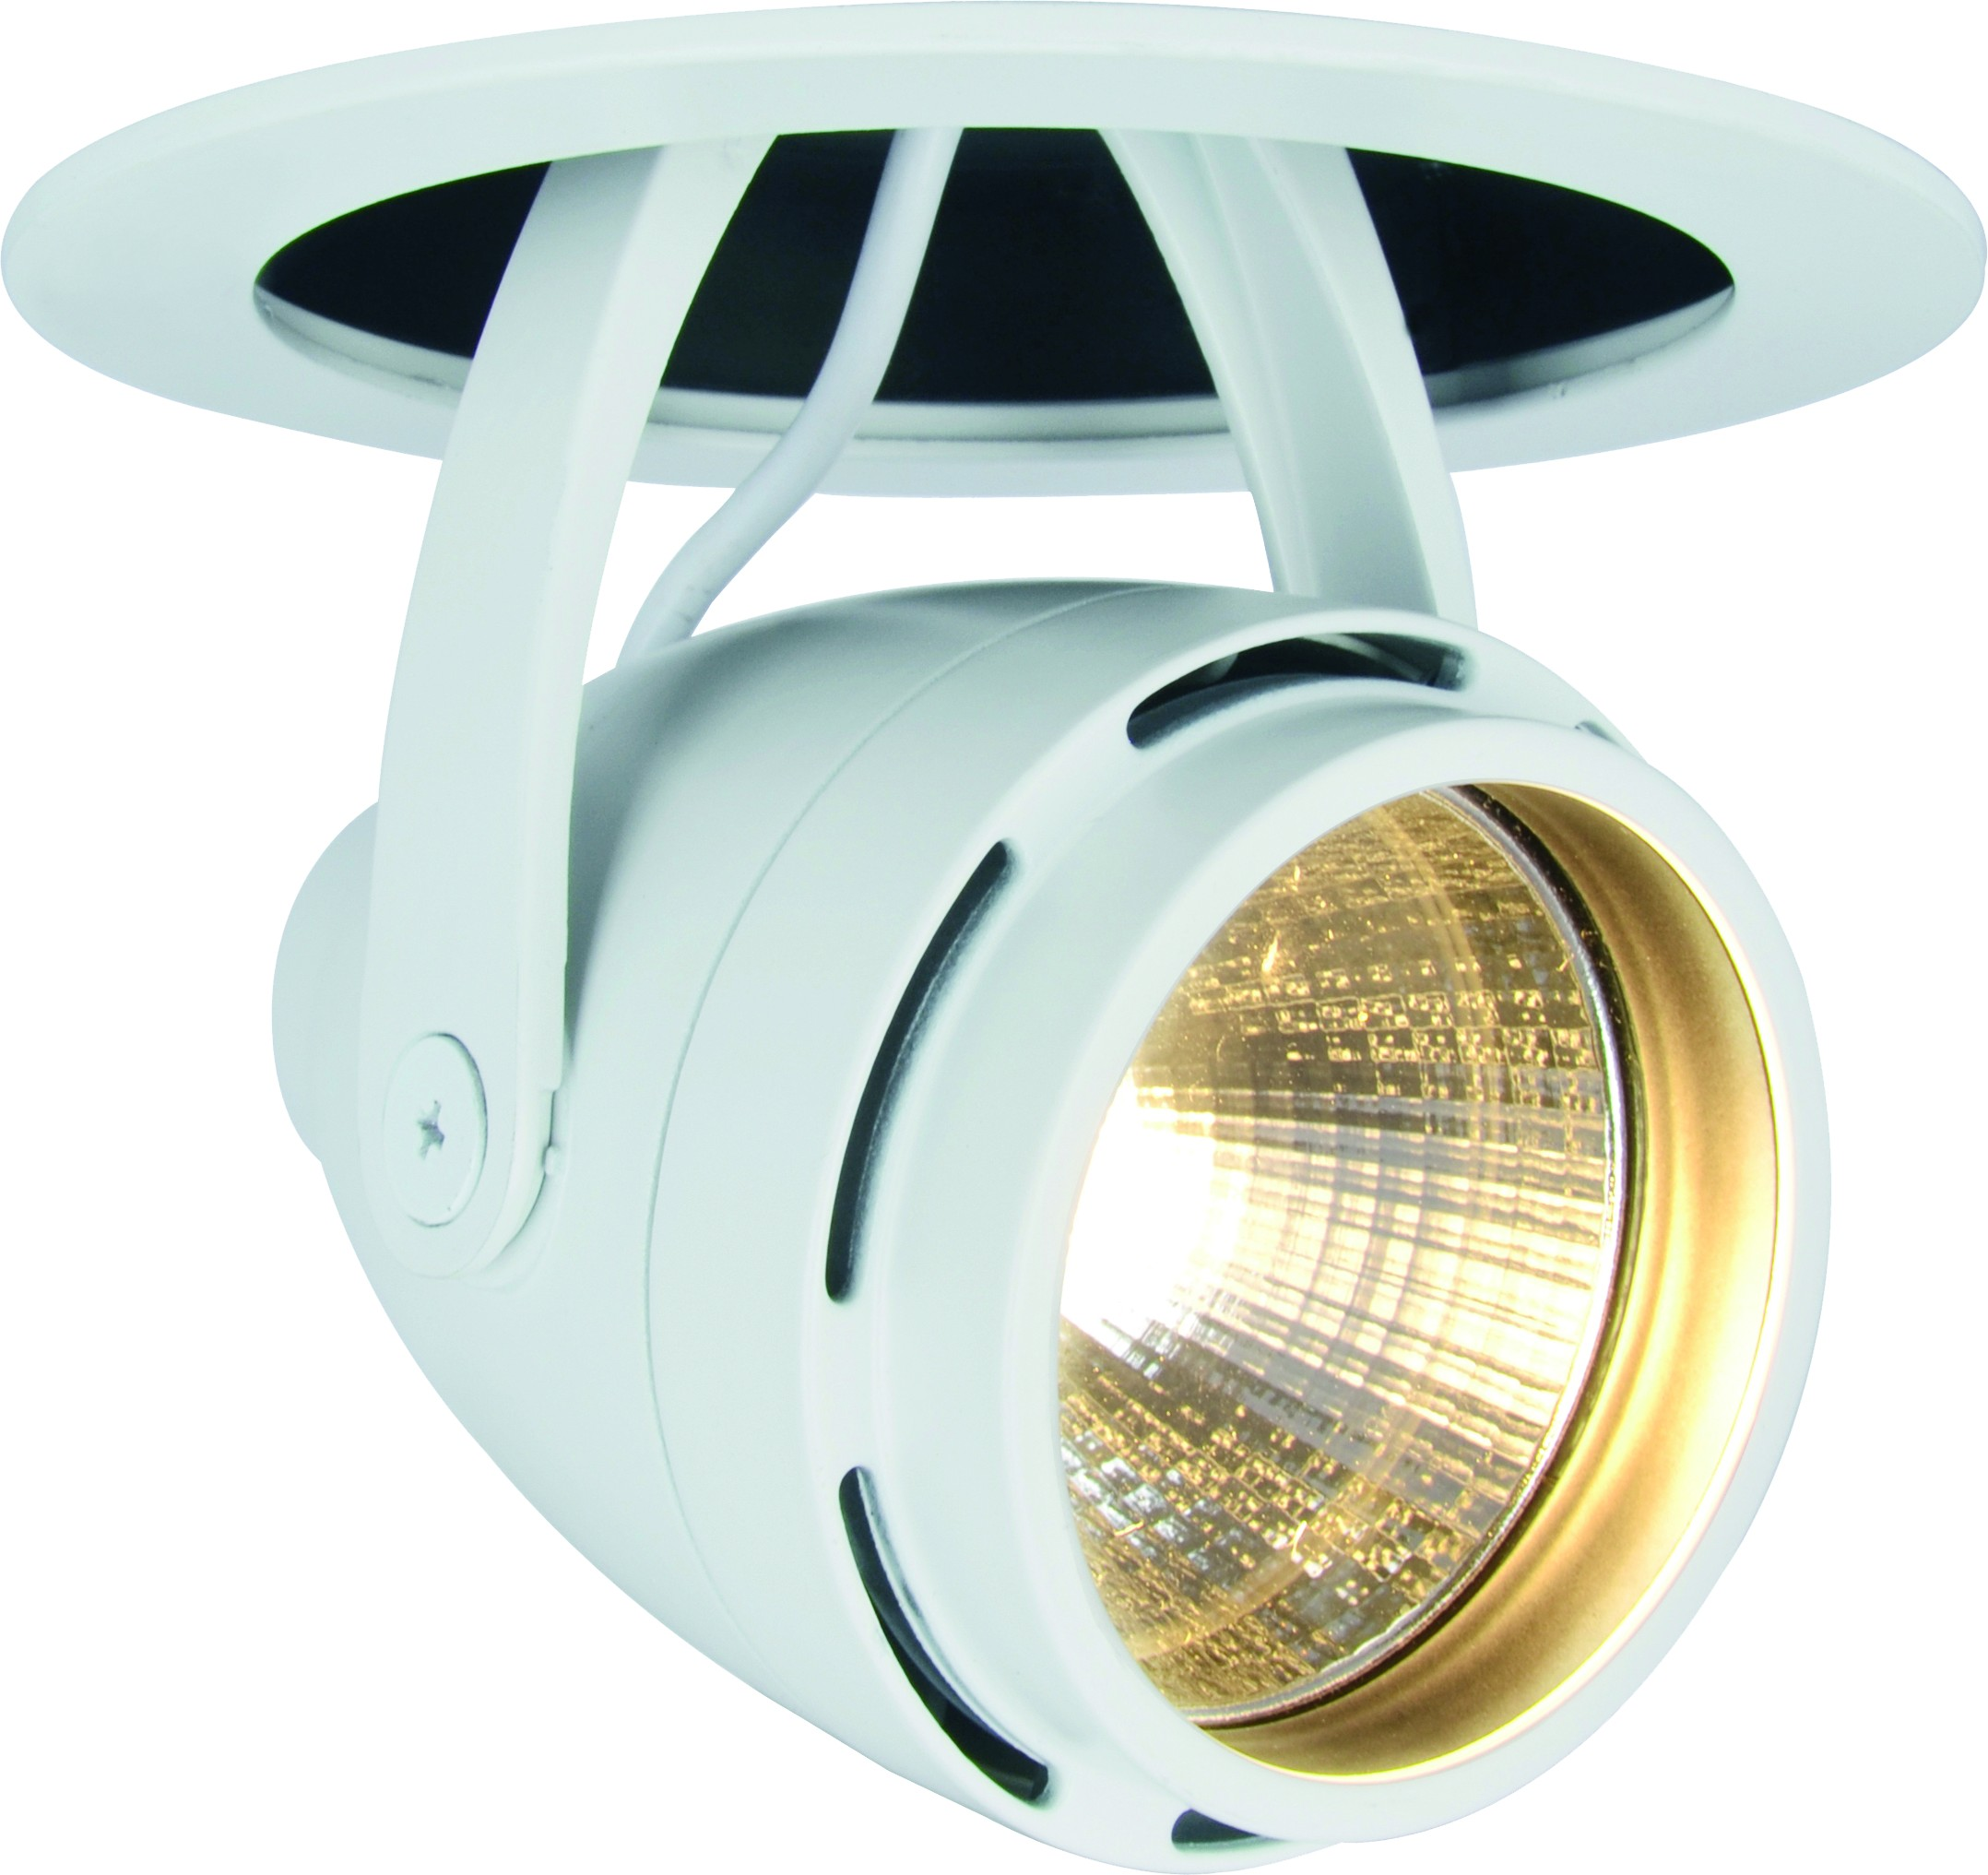 Светильник встраиваемый Arte lamp A3110pl-1wh встраиваемый светильник arte lamp cielo a7314pl 1wh